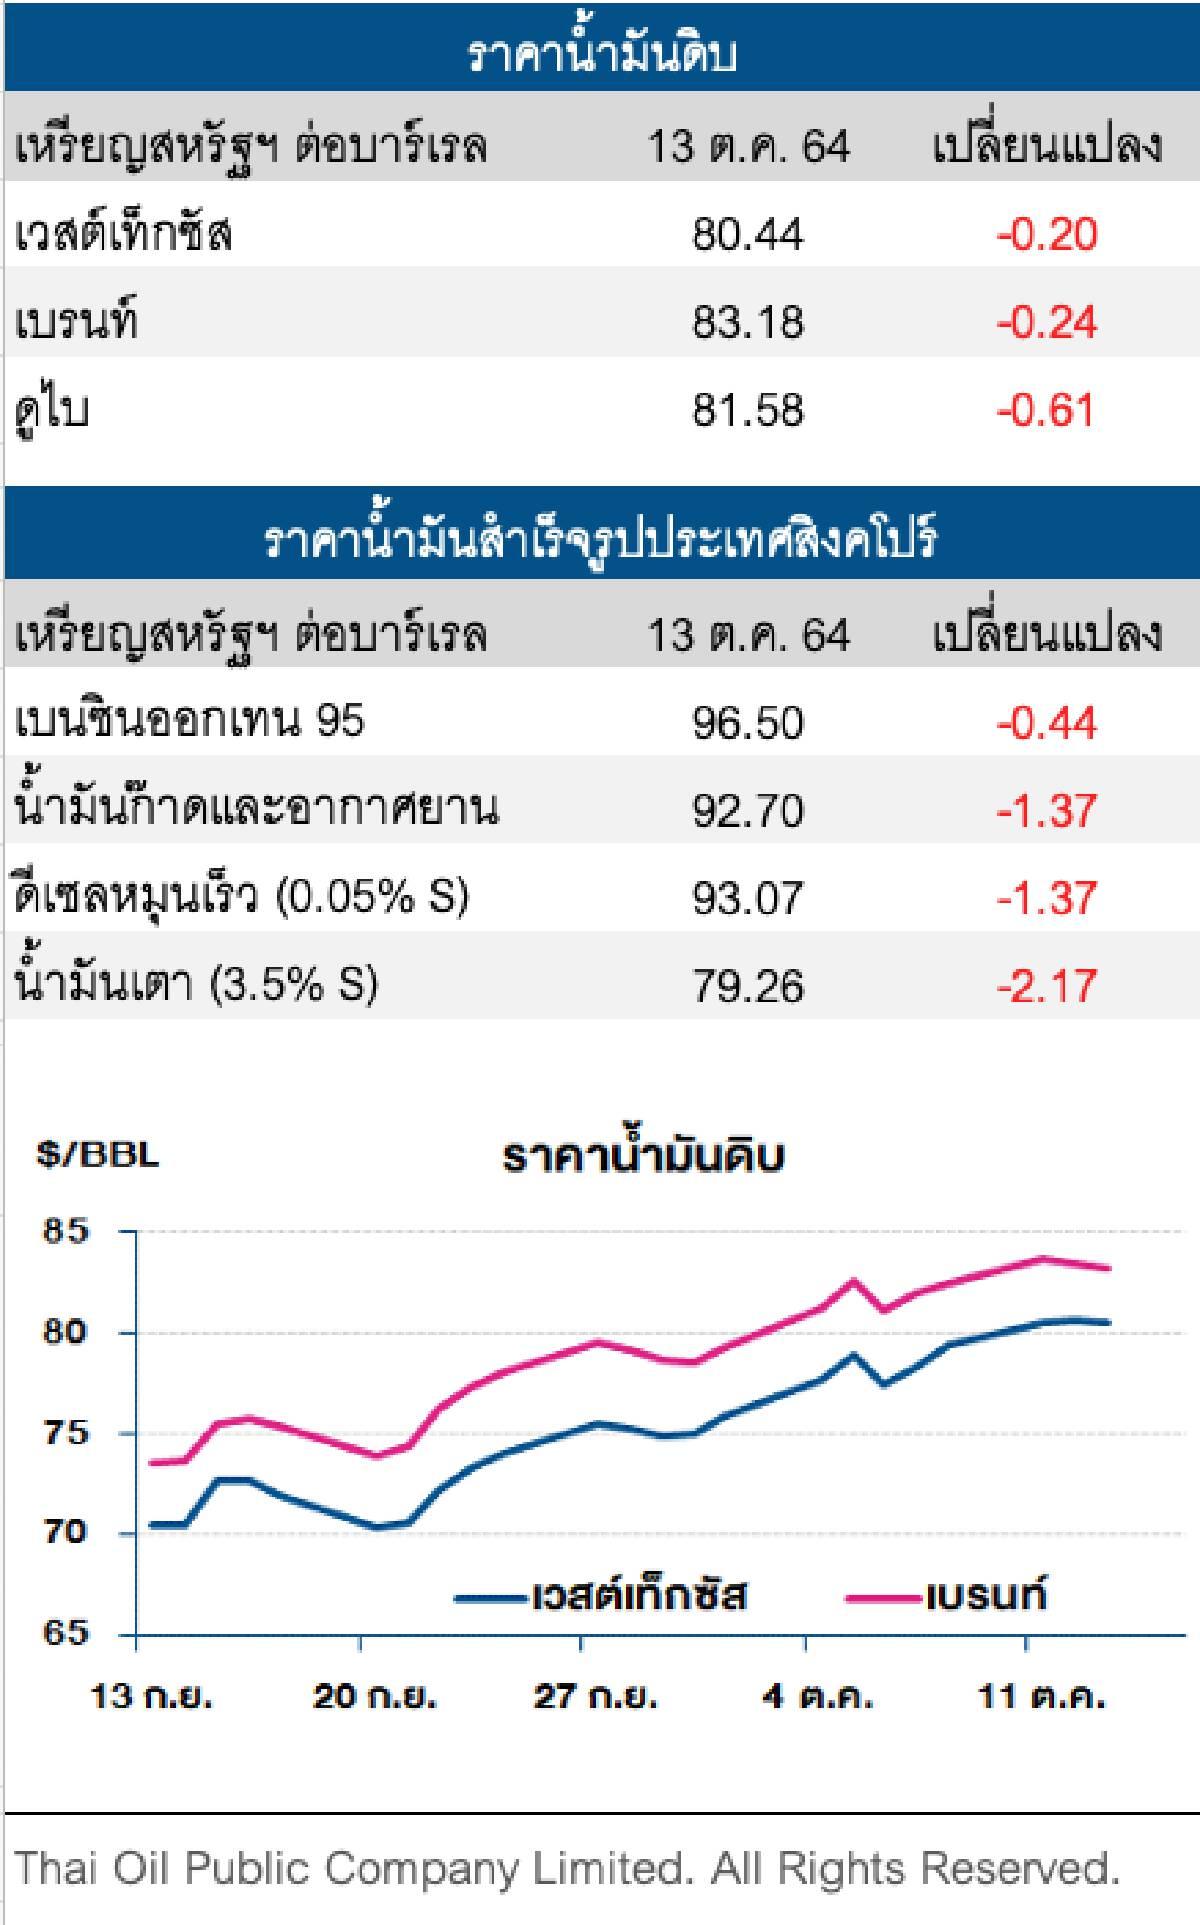 ราคาน้ำมันดิบปรับลง หลังโอเปกปรับลดตัวเลขคาดการณ์ความต้องการใช้